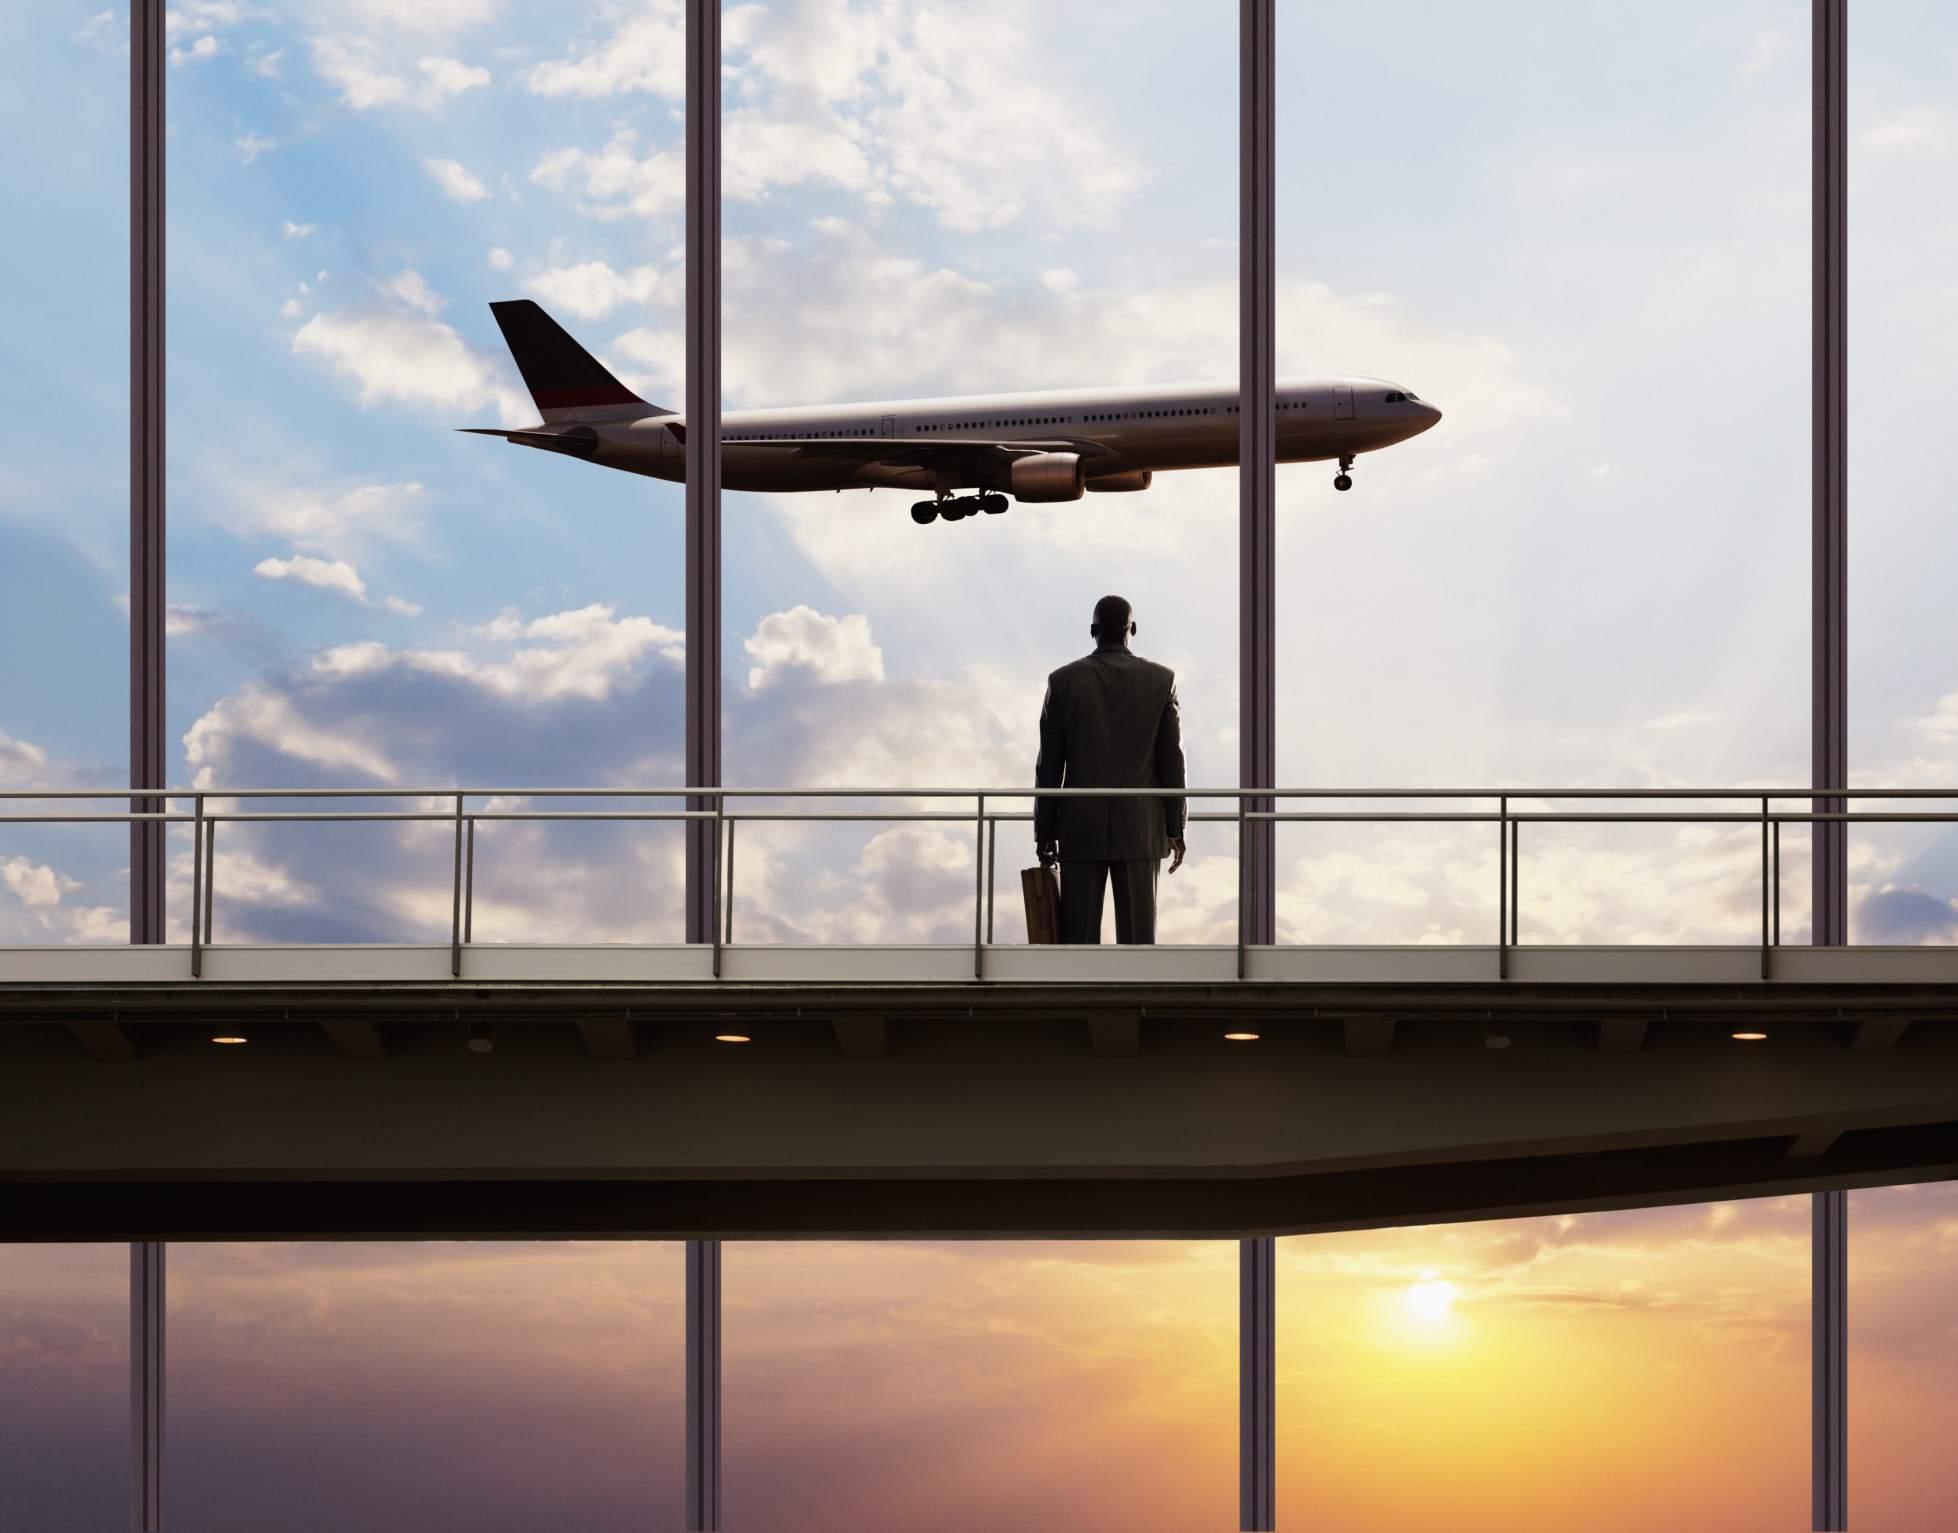 businessman watching a flight